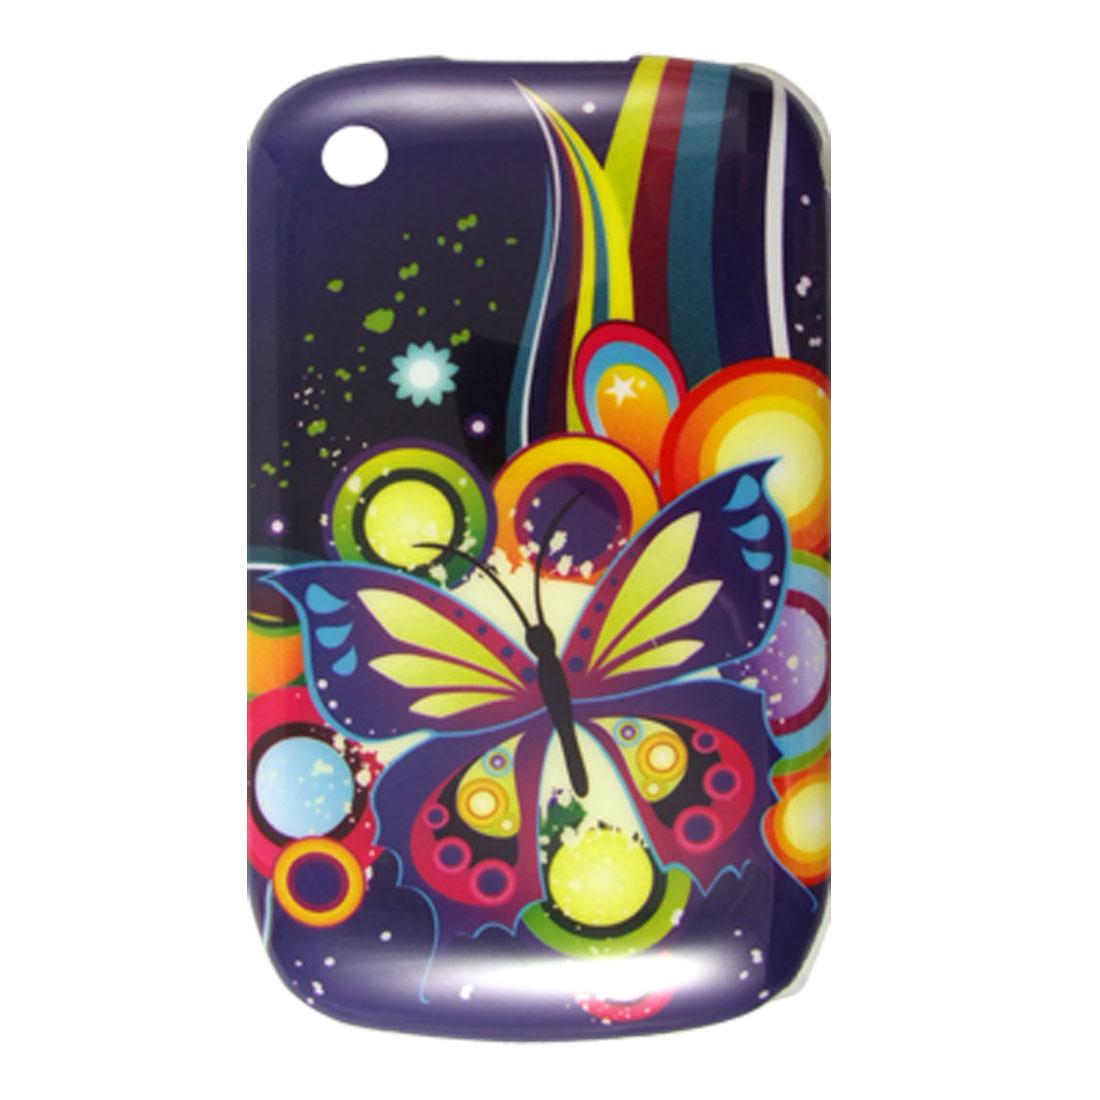 IMD Butterfly Print Hard Plastic Case Cover for Blackberry 8520